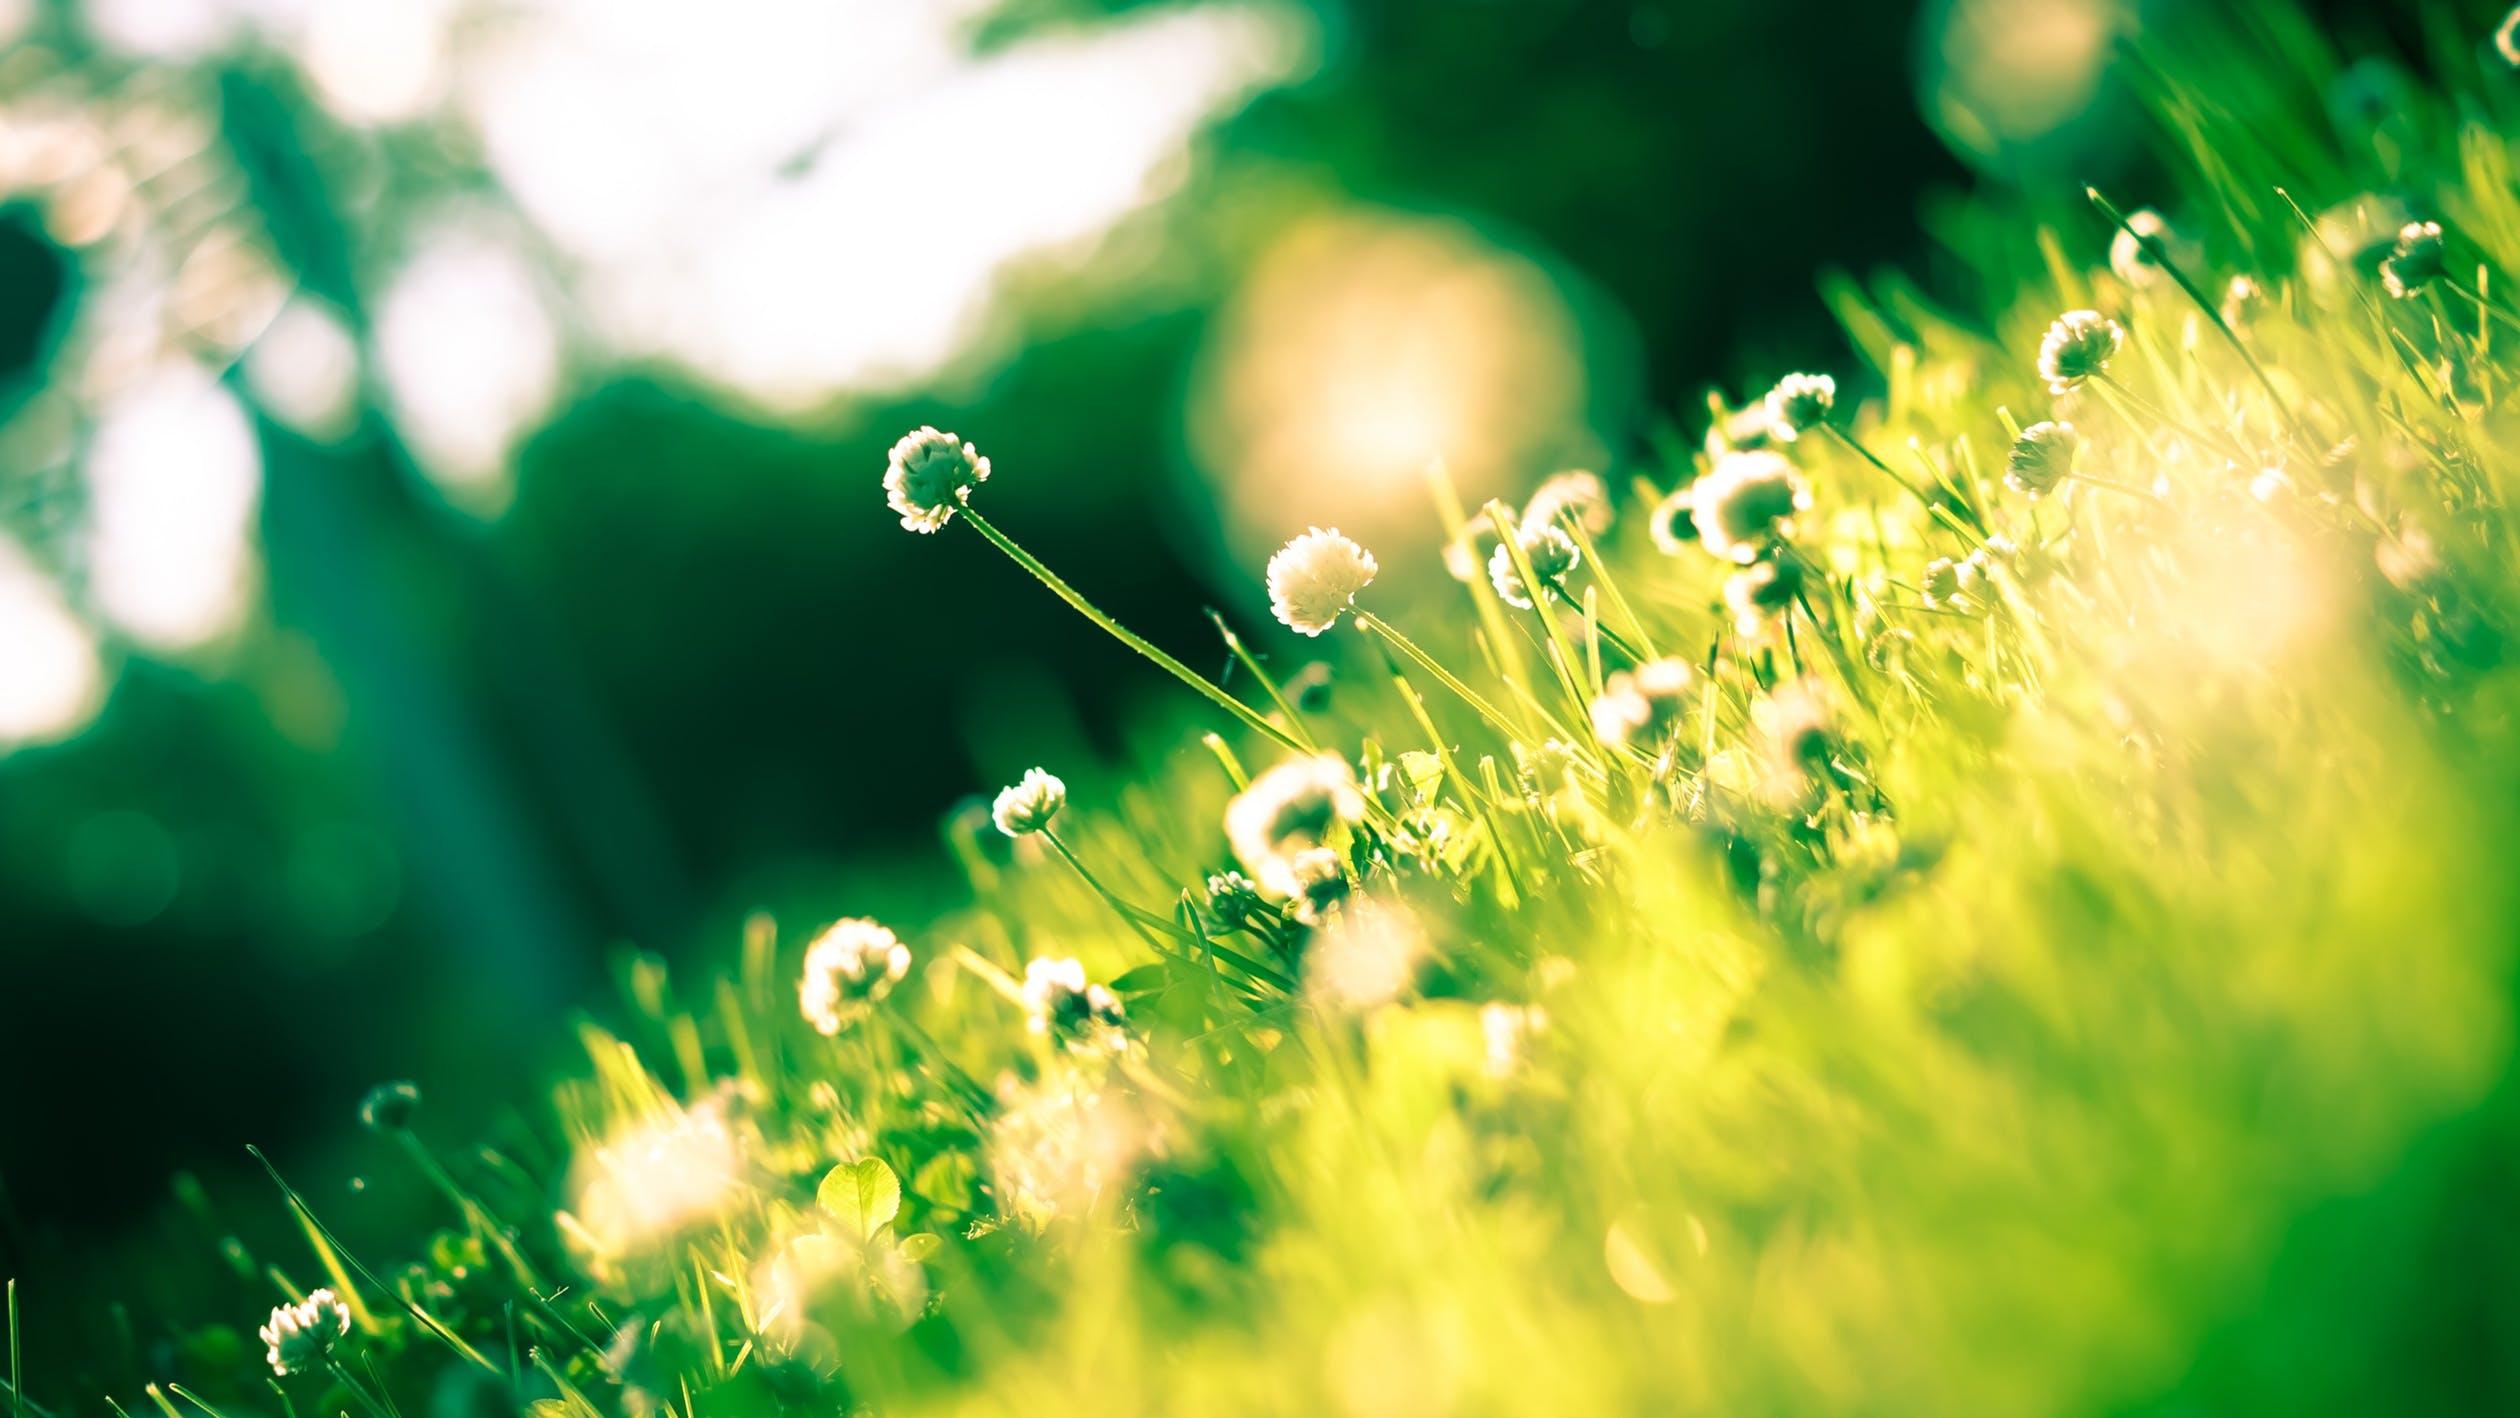 花粉症に効く食べ物や飲み物